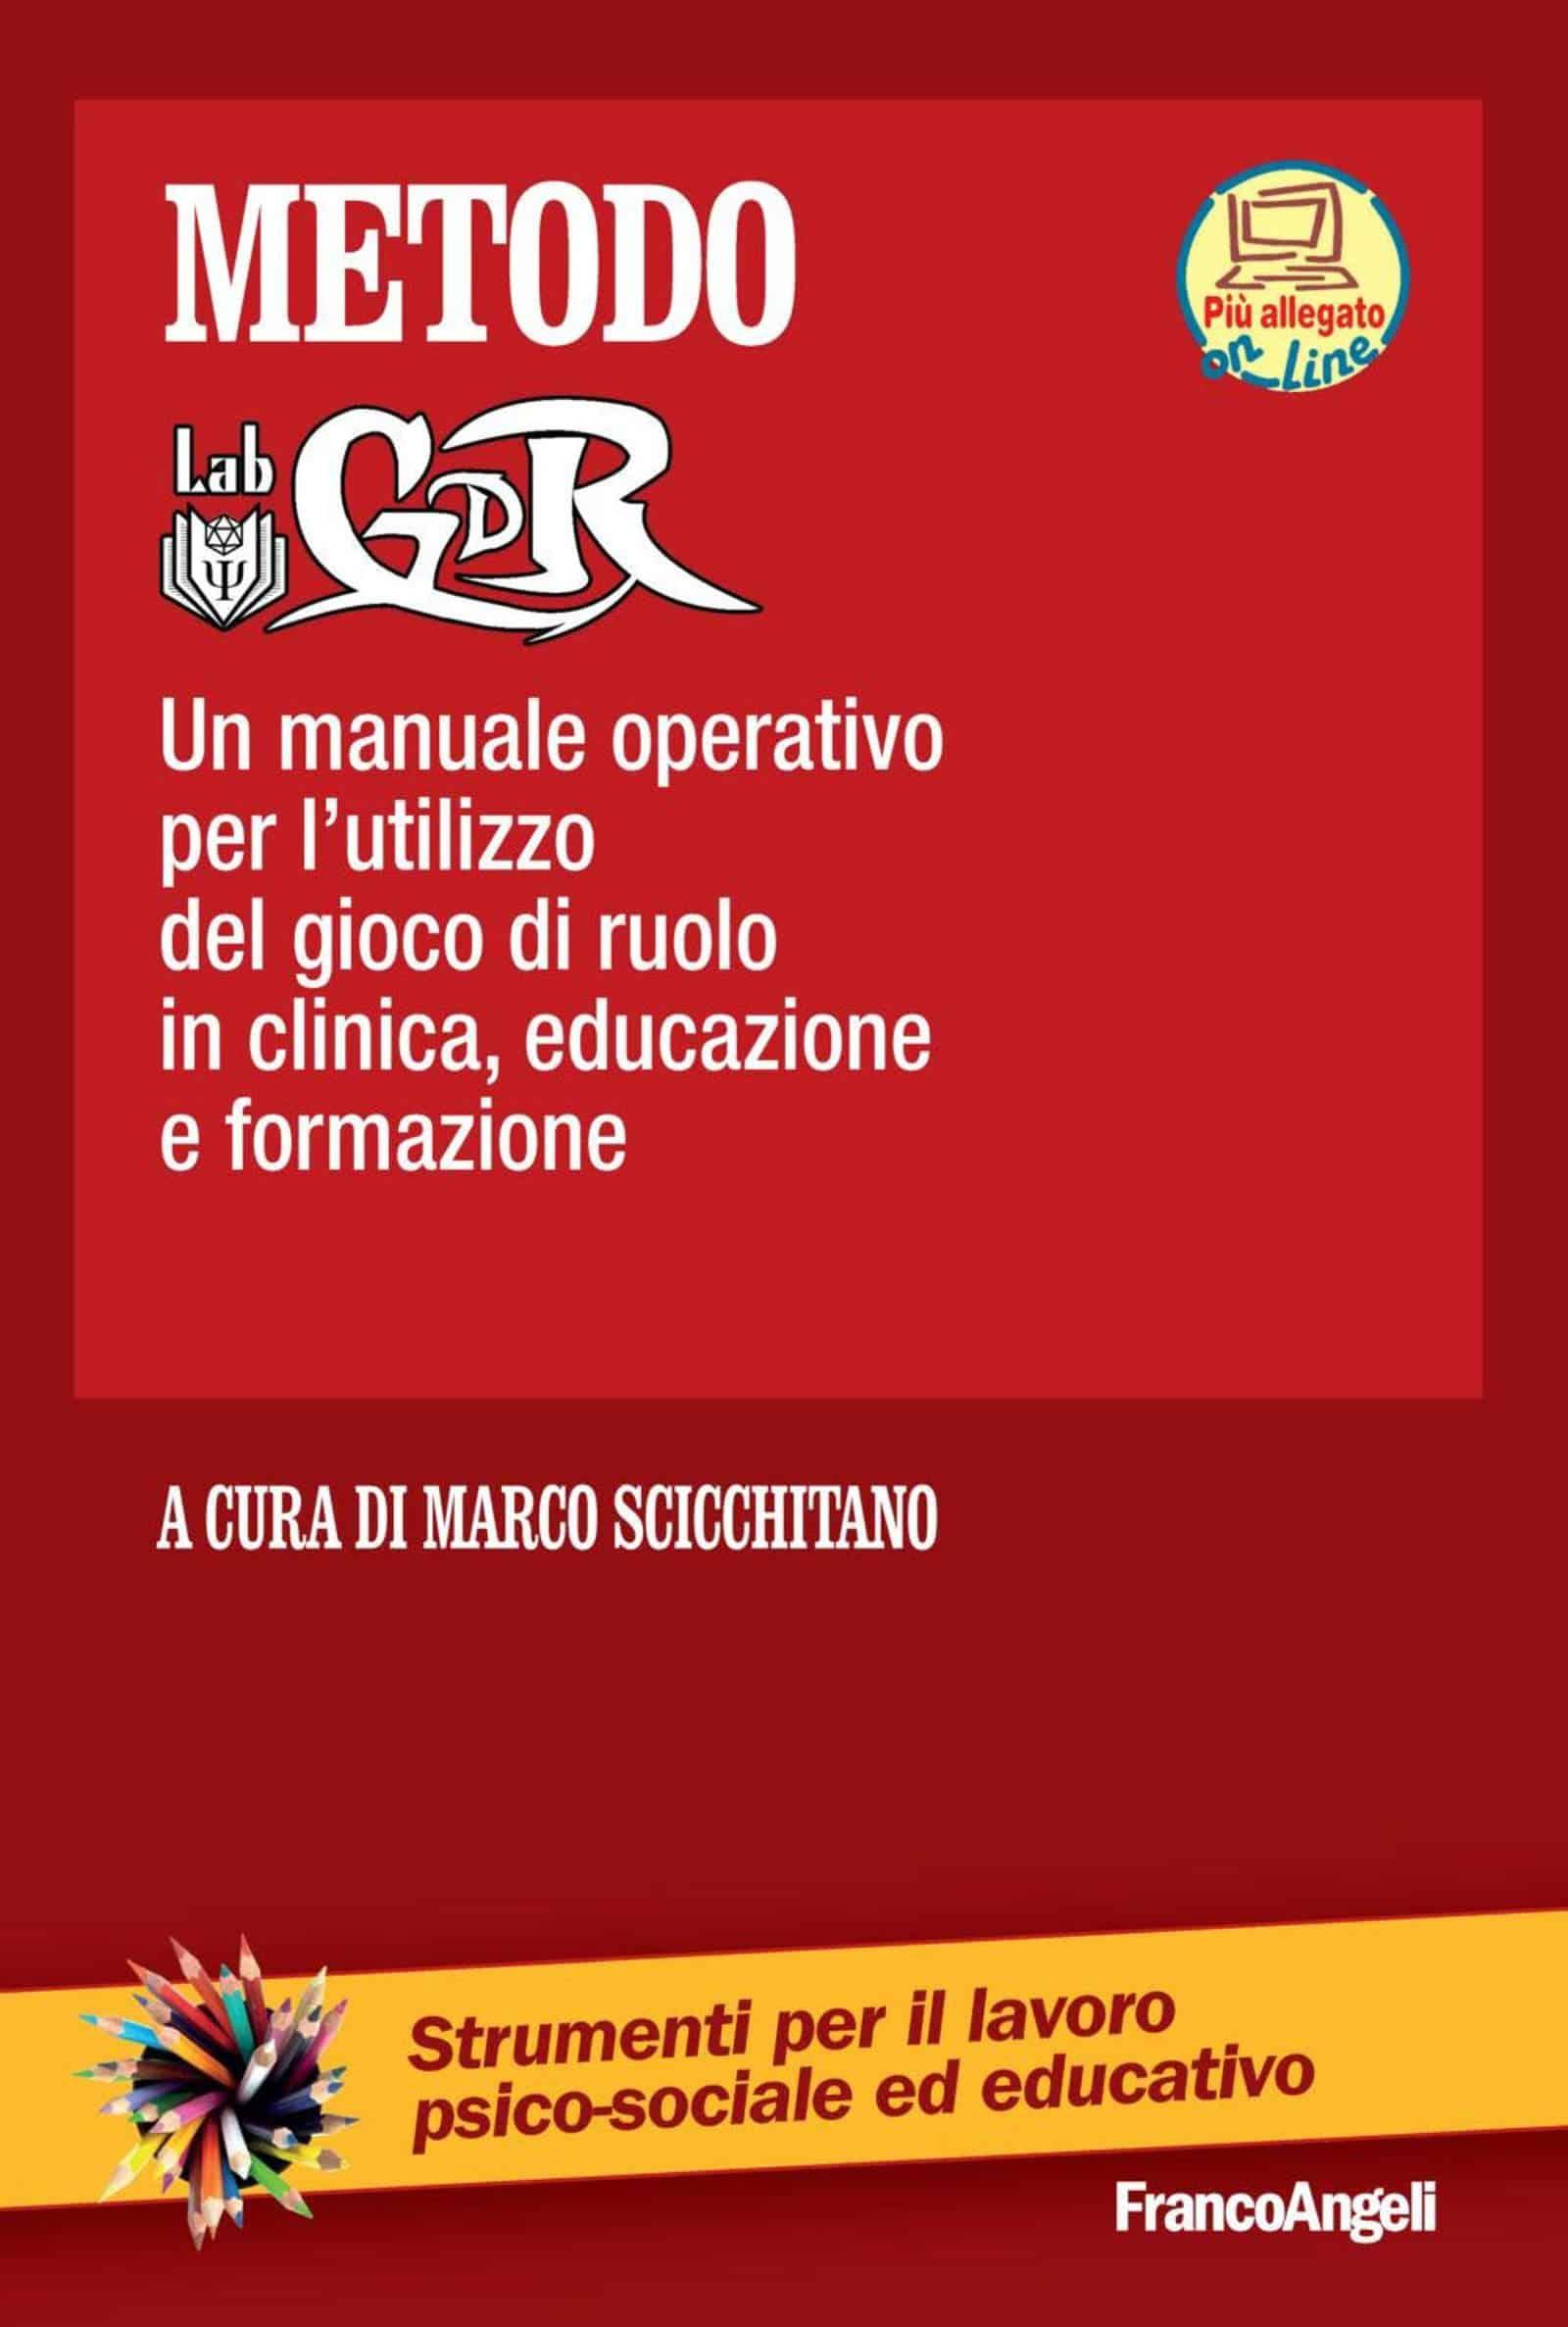 Metodo LabGDR, un manuale operativo per l'utilizzo del gioco di ruolo in clinica, educazione e formazione (2019), a cura di Marco Scicchitano- Recensione del libro